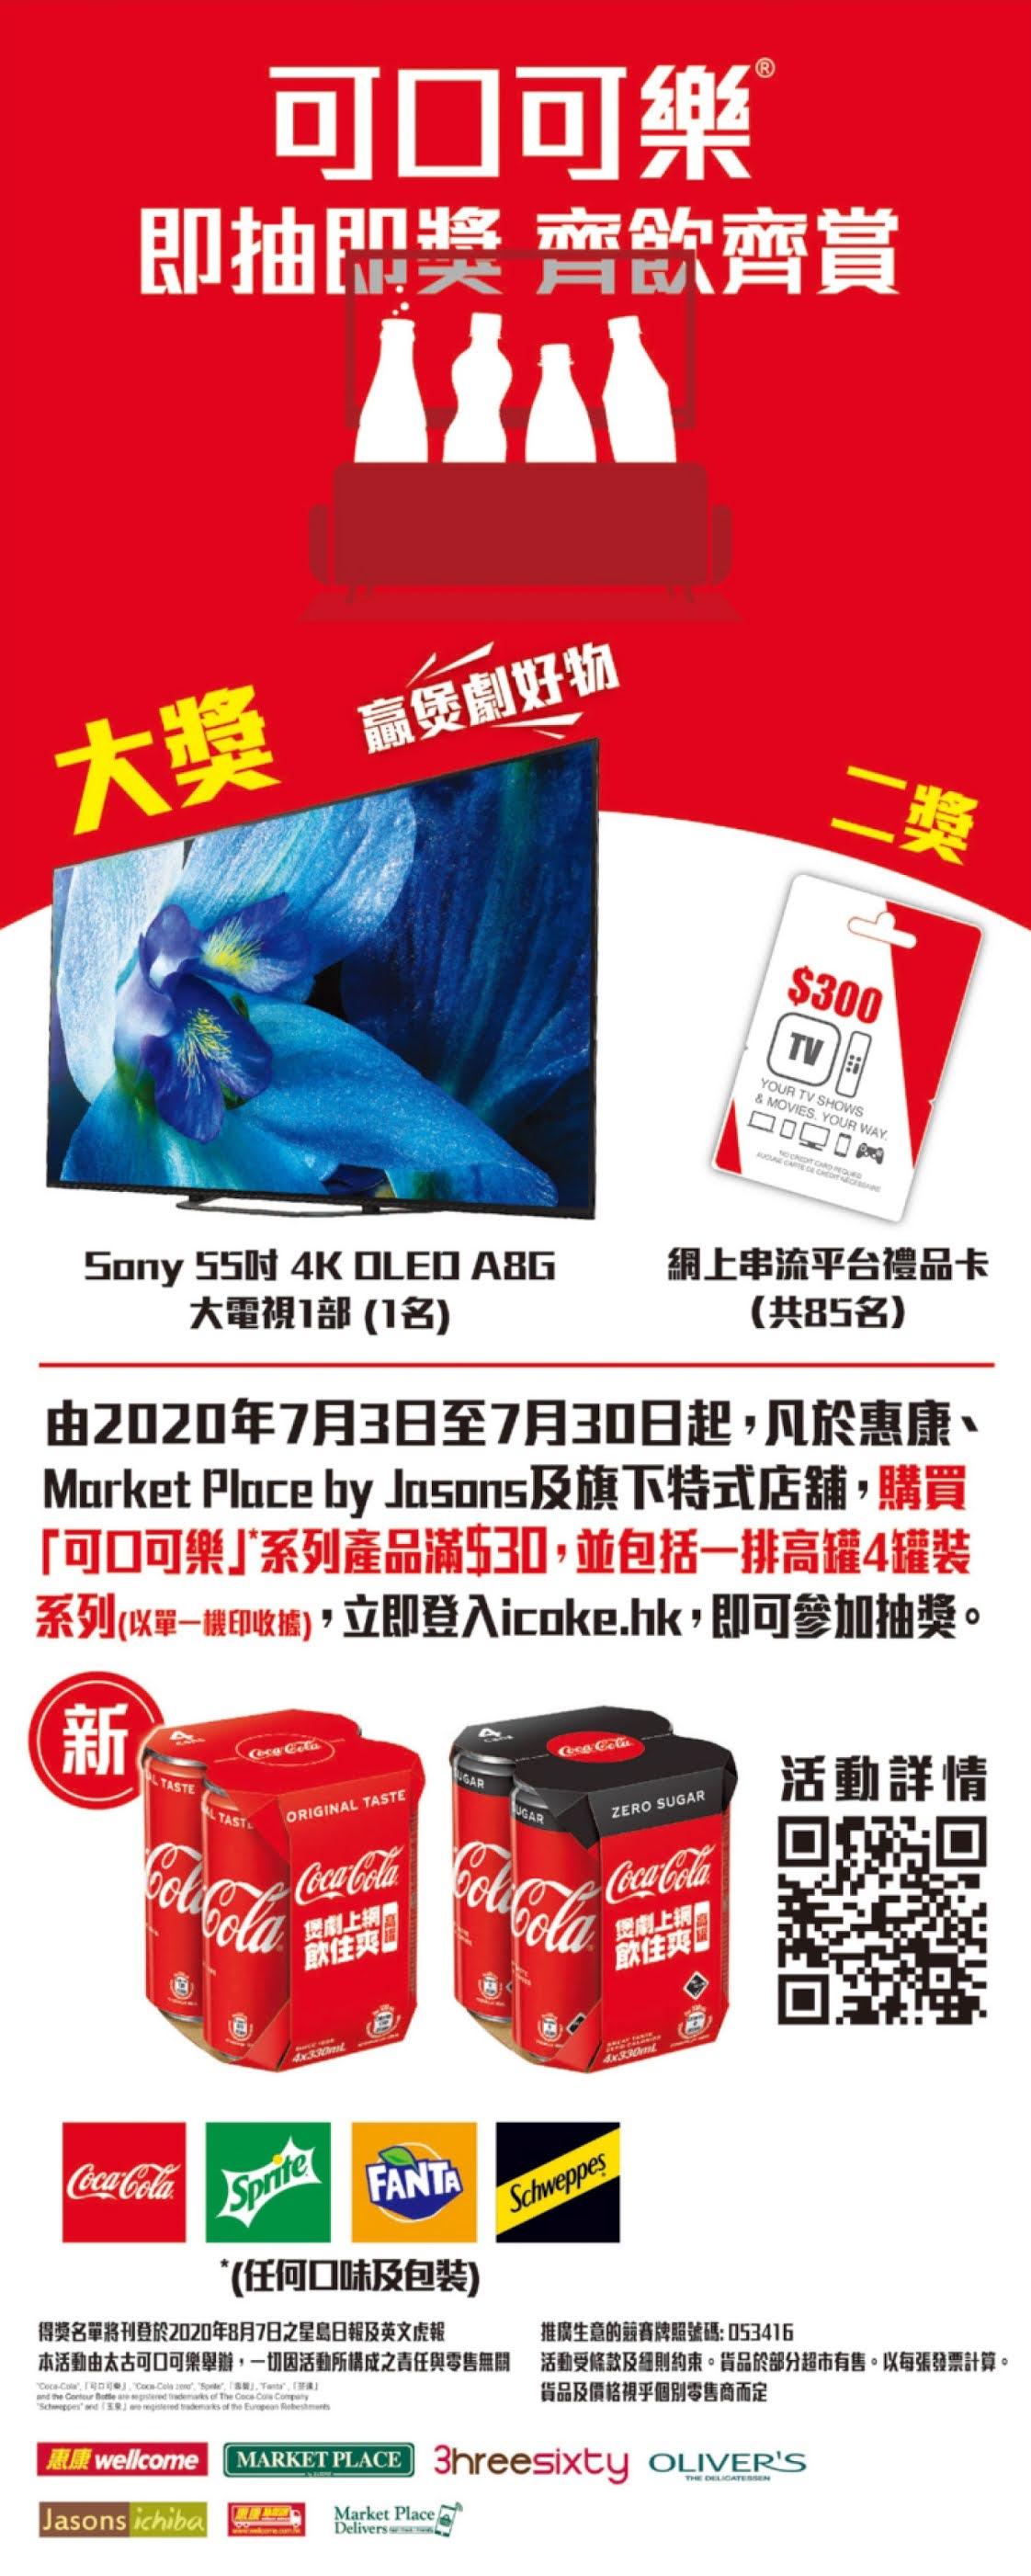 惠康: 買可樂 抽大獎 55吋Sony大電視 至7月30日